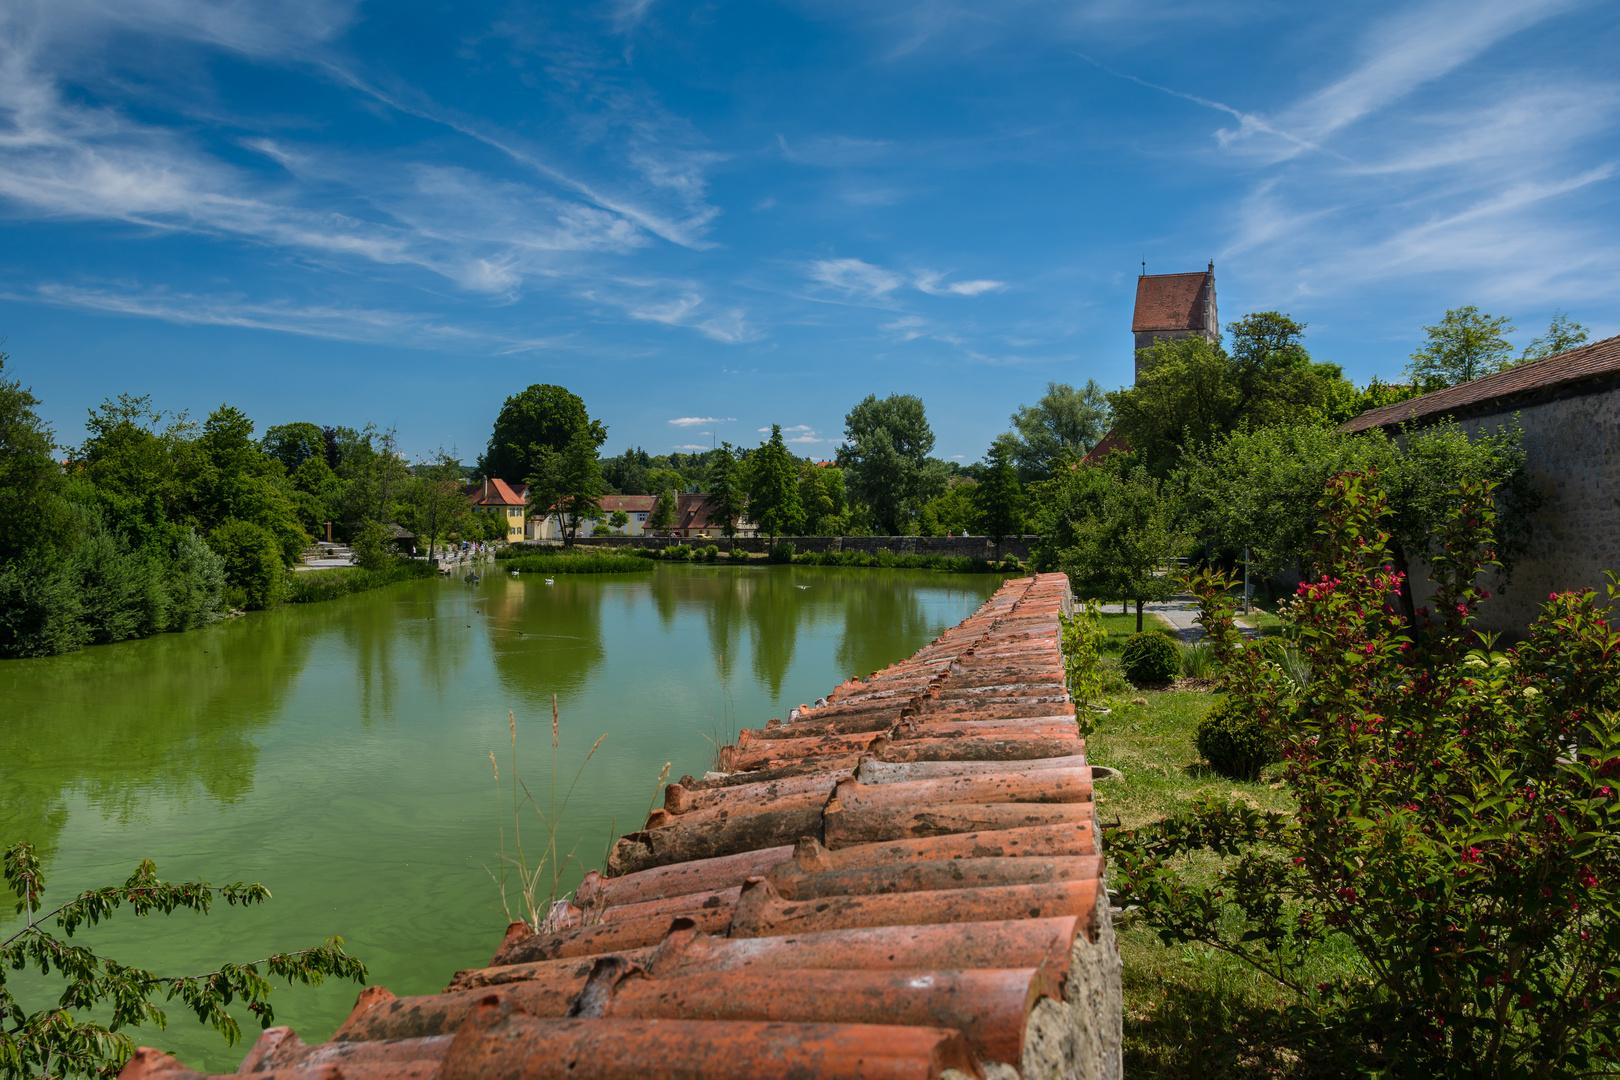 Dinkelsbühl am Rothenburger Weiher - Blick in Richtung Schleuse